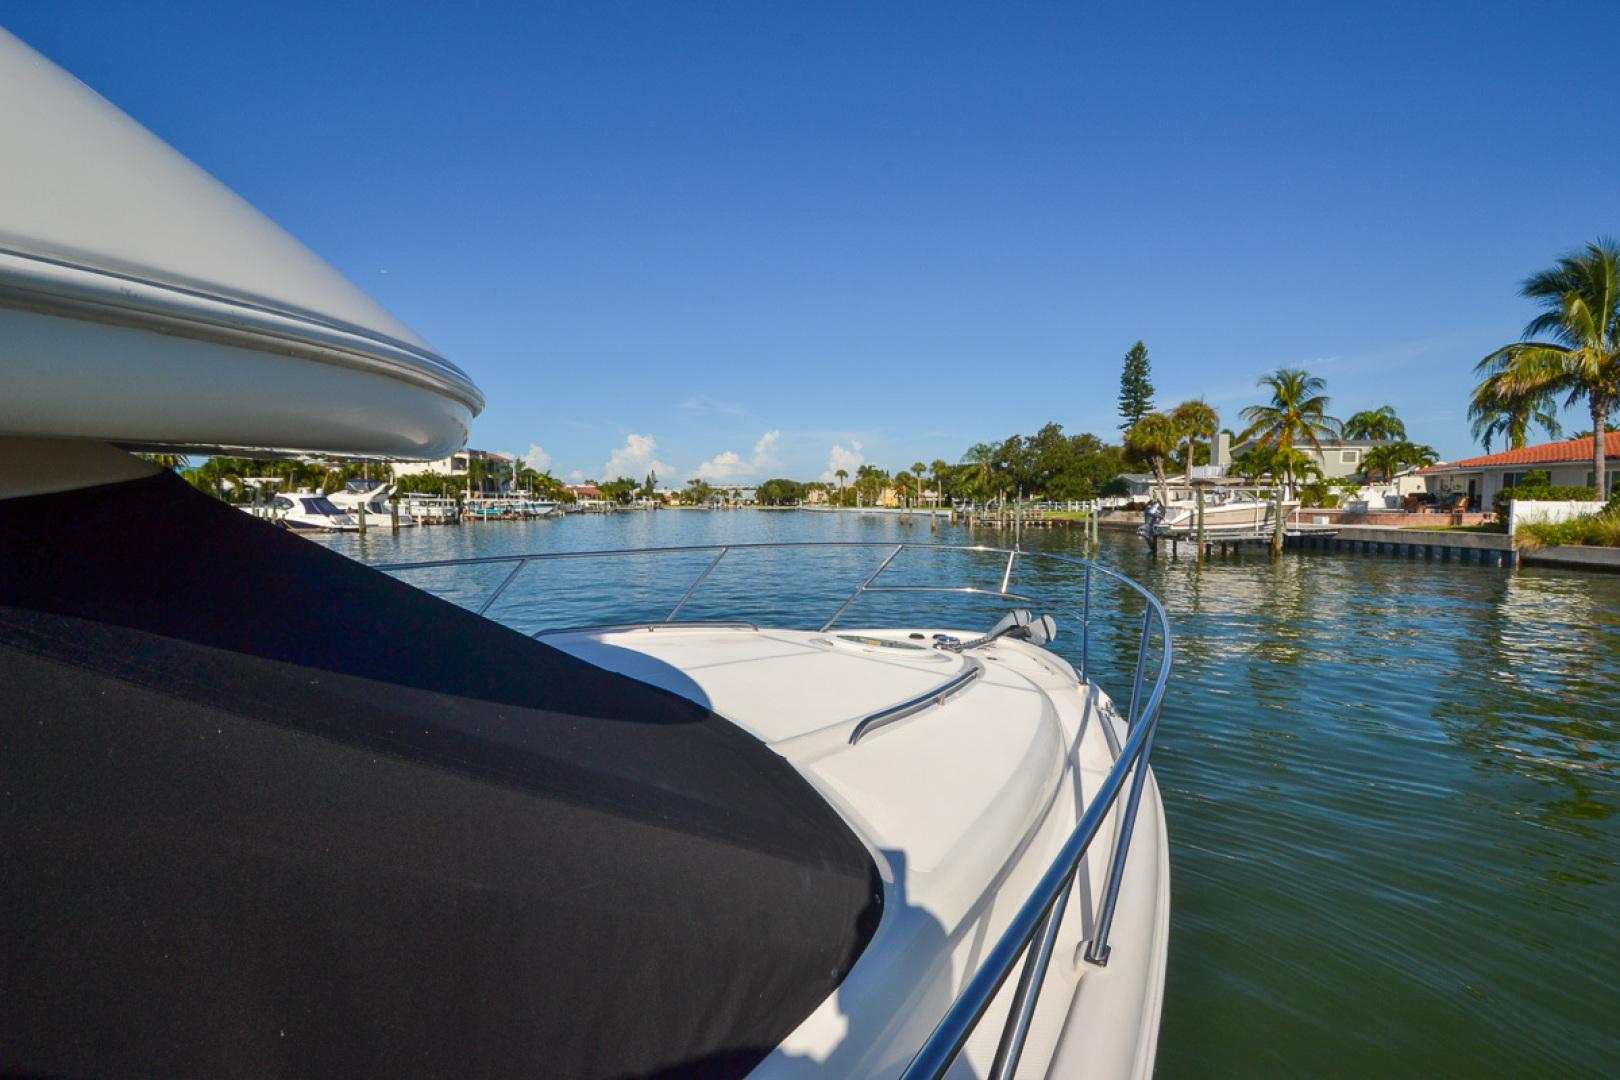 Meridian-341 Sedan 2004-Sea Harmony Belleair Beach-Florida-United States-1496611 | Thumbnail